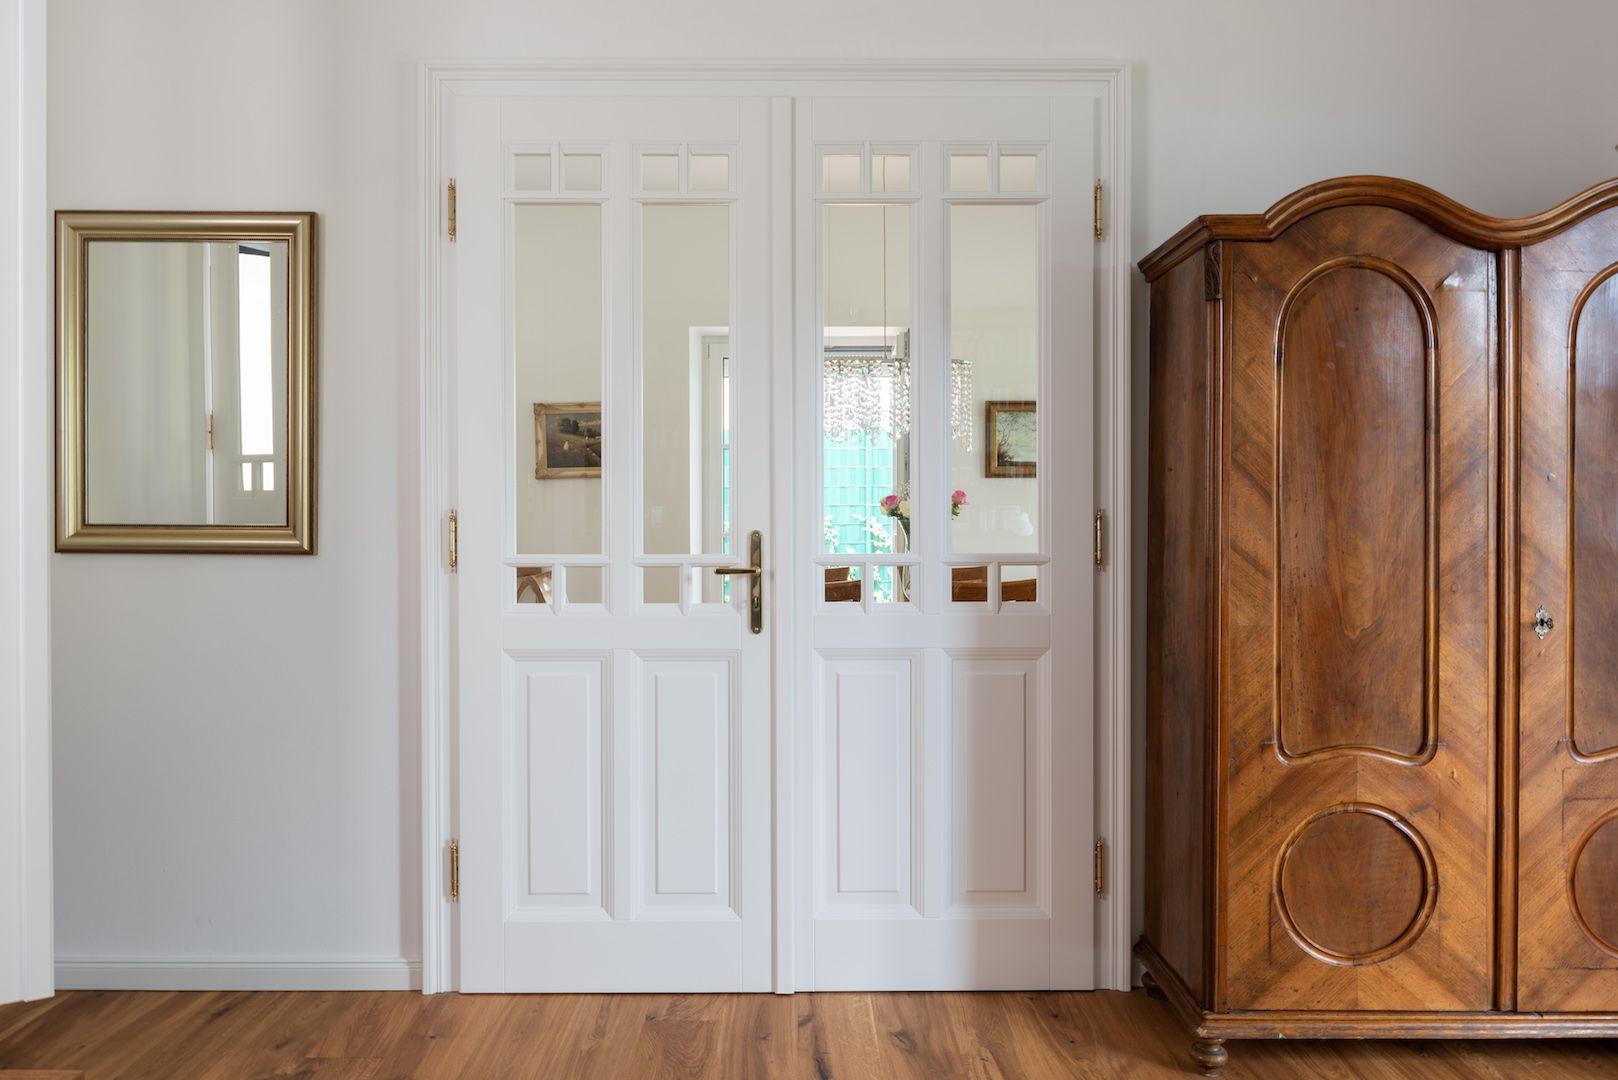 Massivholzture Weiss Mit Glaseinsatze Schiebetur Weiss Fenster Holz Innenturen